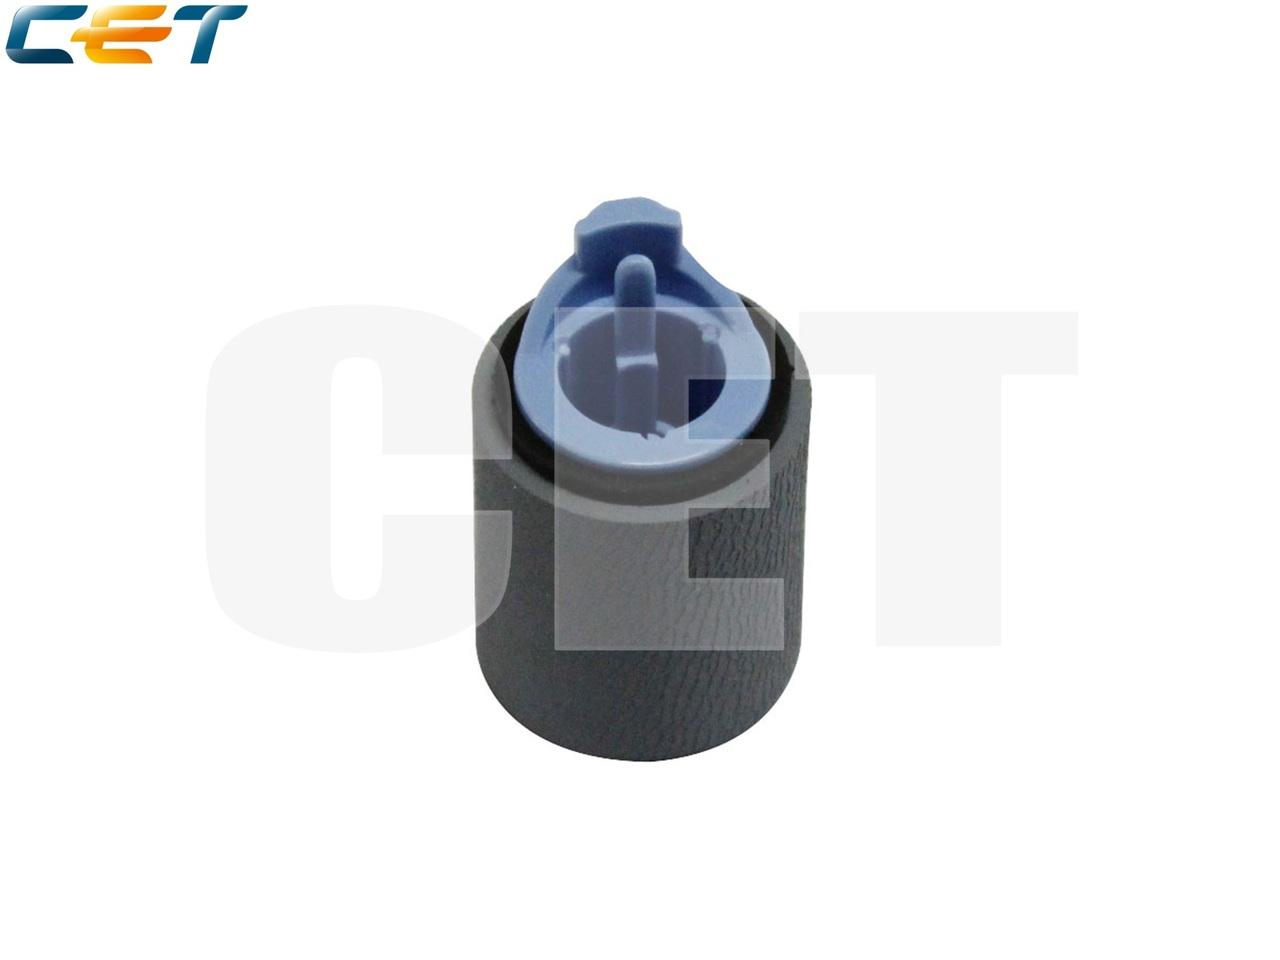 Ролик подачи (Long Life) RM1-0037-020 для LaserJet4200/4300/4250/4350/P4015, M601/M602/M603 (CET), CET5845,CET5845R